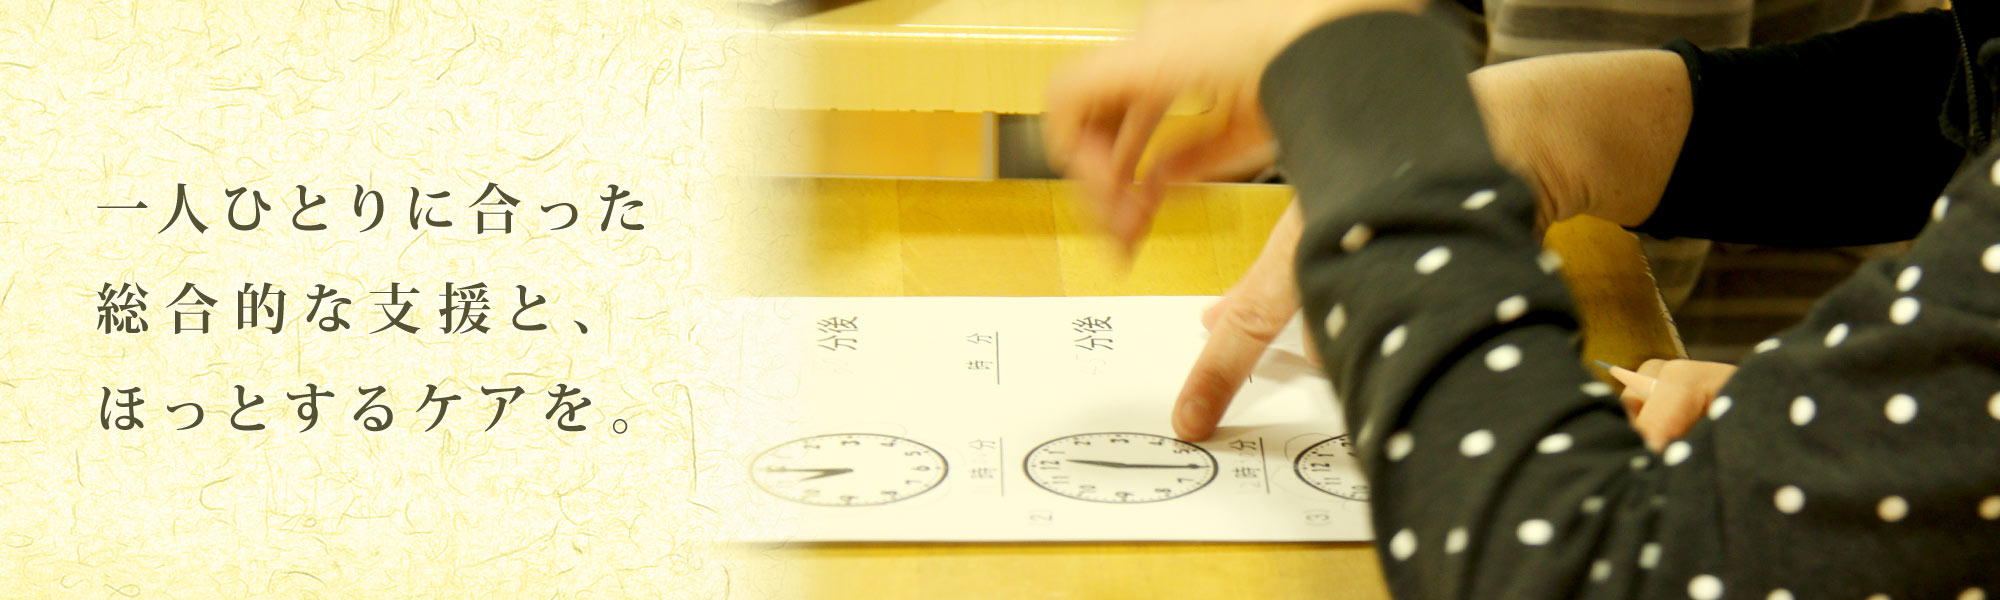 青森県弘前市を中心に展開する、入所・デイサービス・生活介護・訪問介護・障がい児支援をする障がい者支援施設「山郷館弘前グループ」